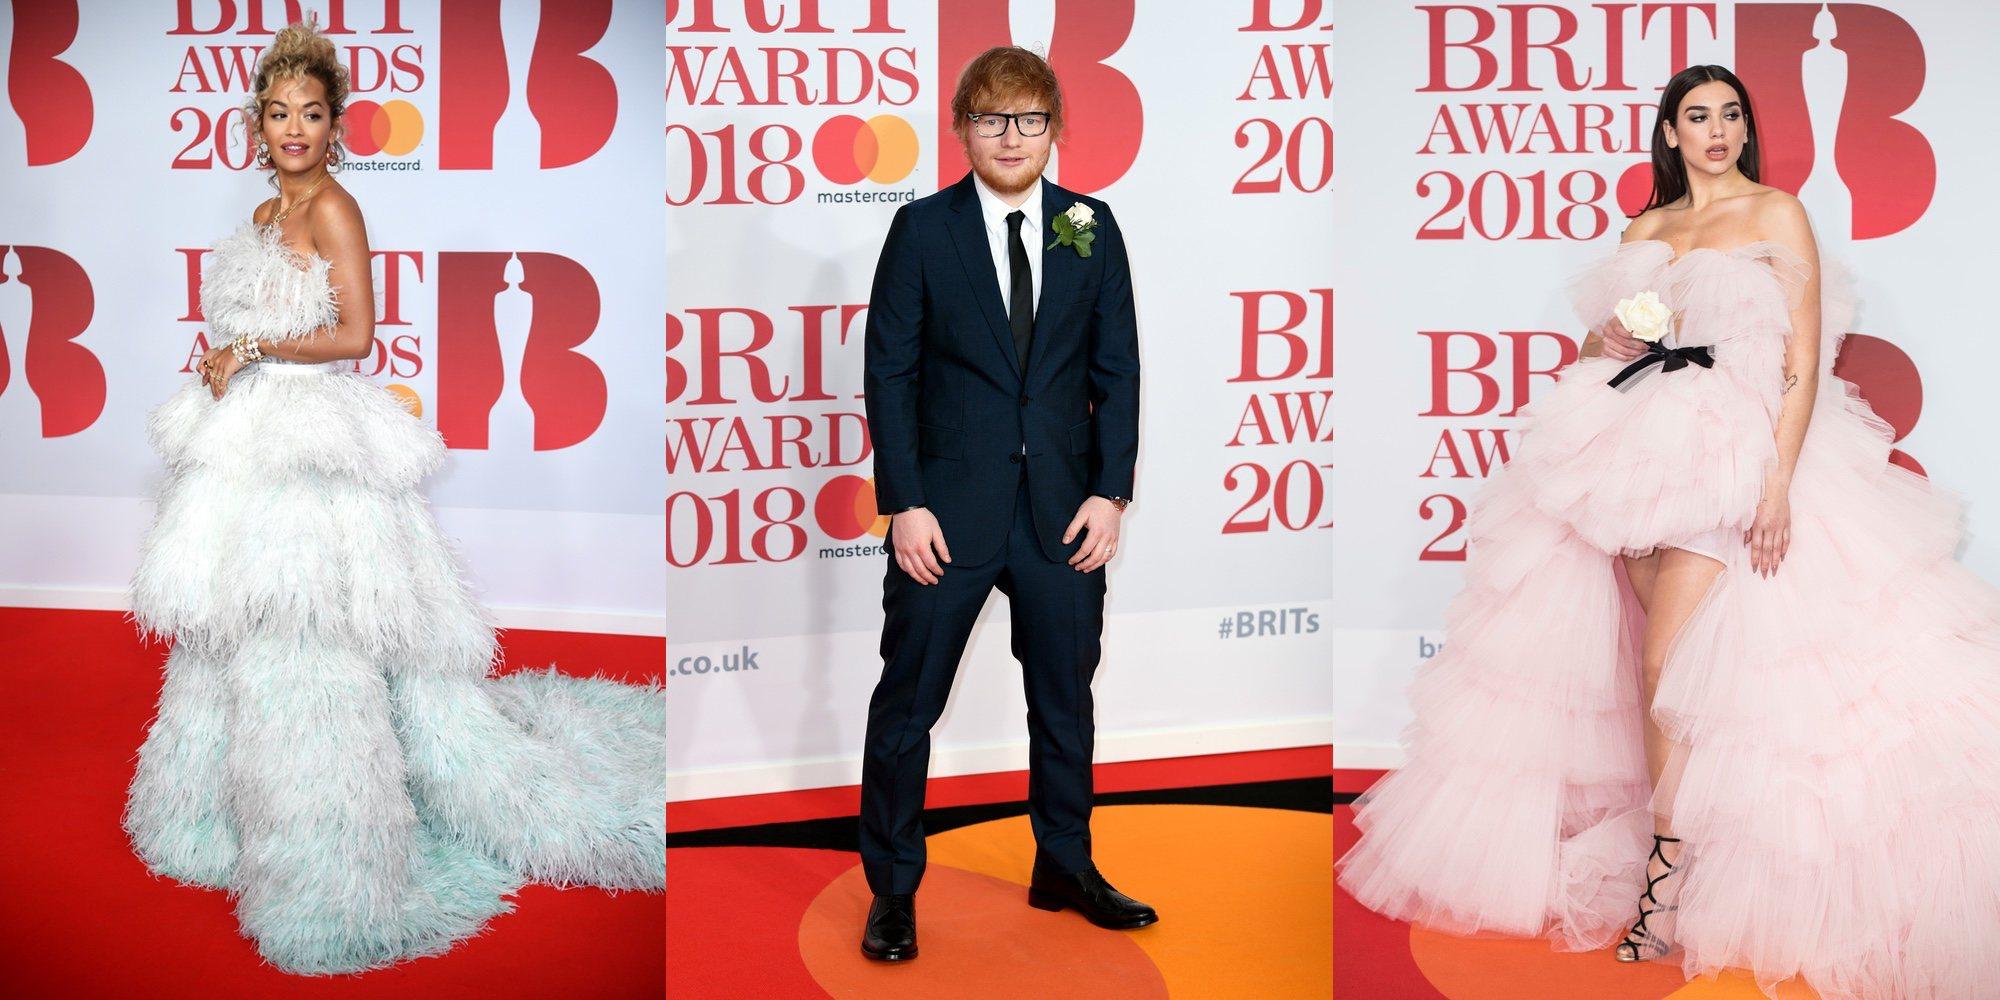 Dua Lipa, Rita Ora y Ed Sheeran entre los más aclamados en la alfombra roja de los Brit Awards 2018